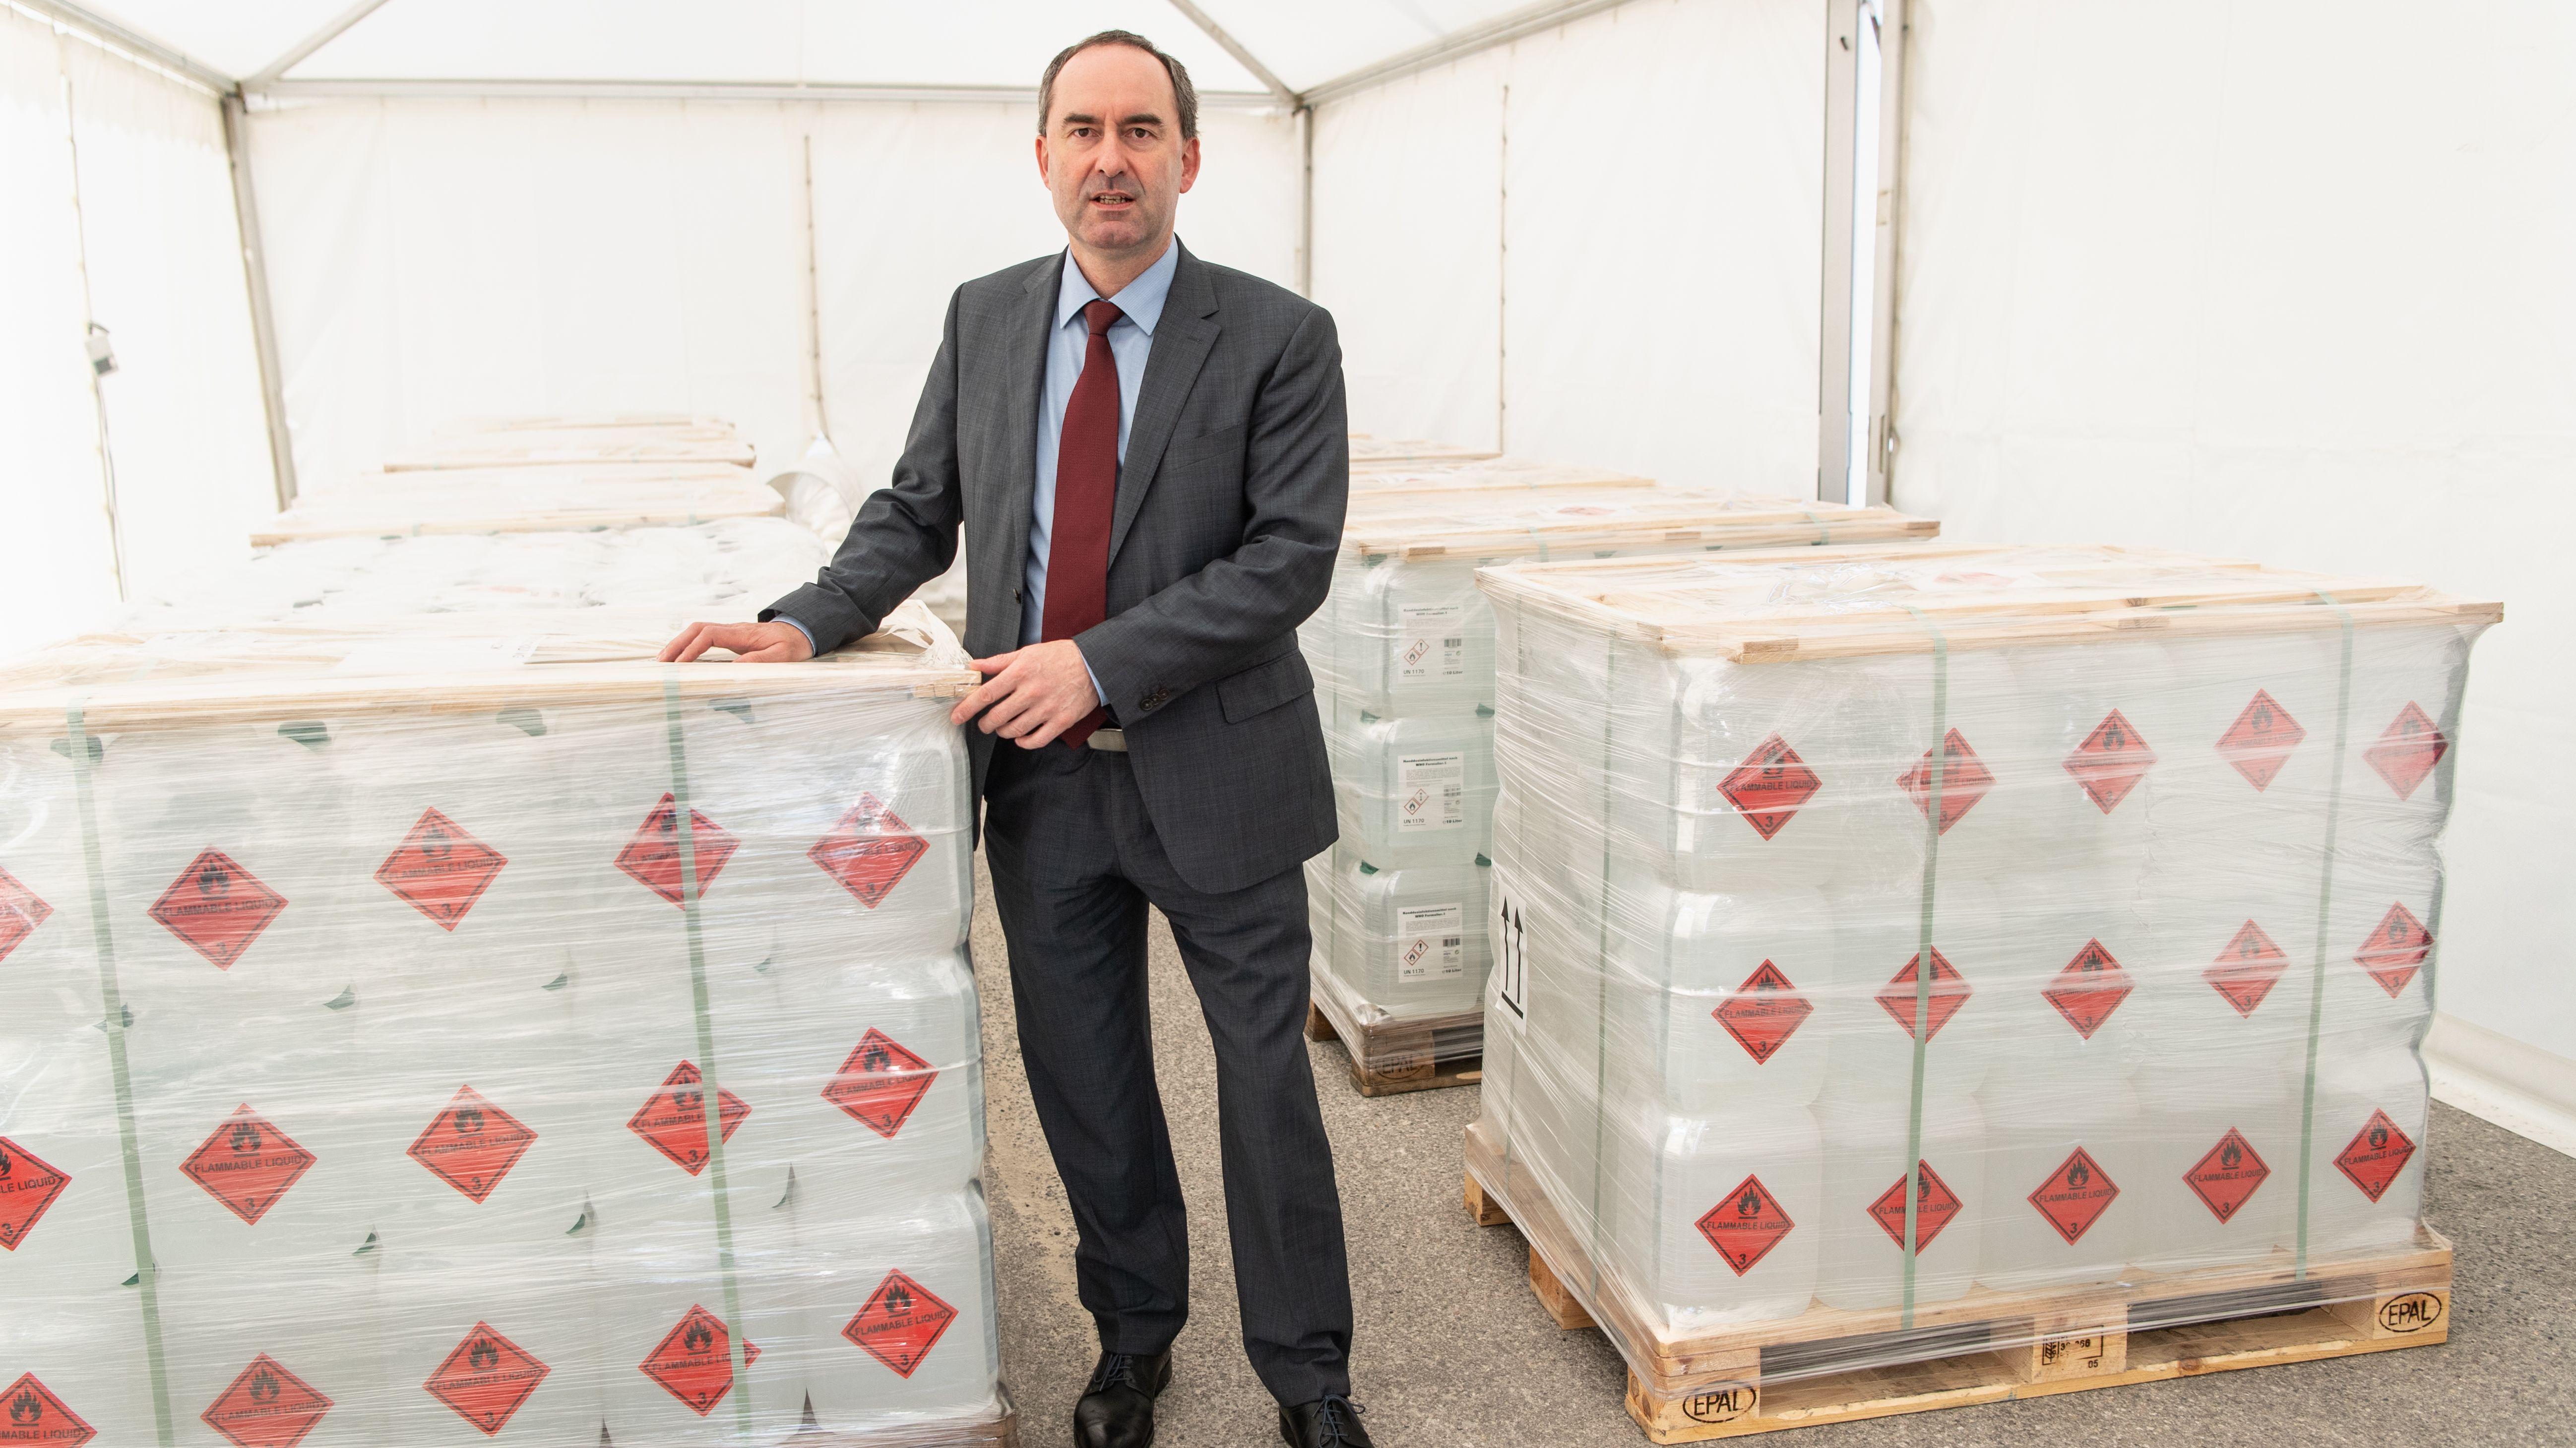 Wirtschaftsminister Aiwanger mit Paletten von Desinfektionsmitteln